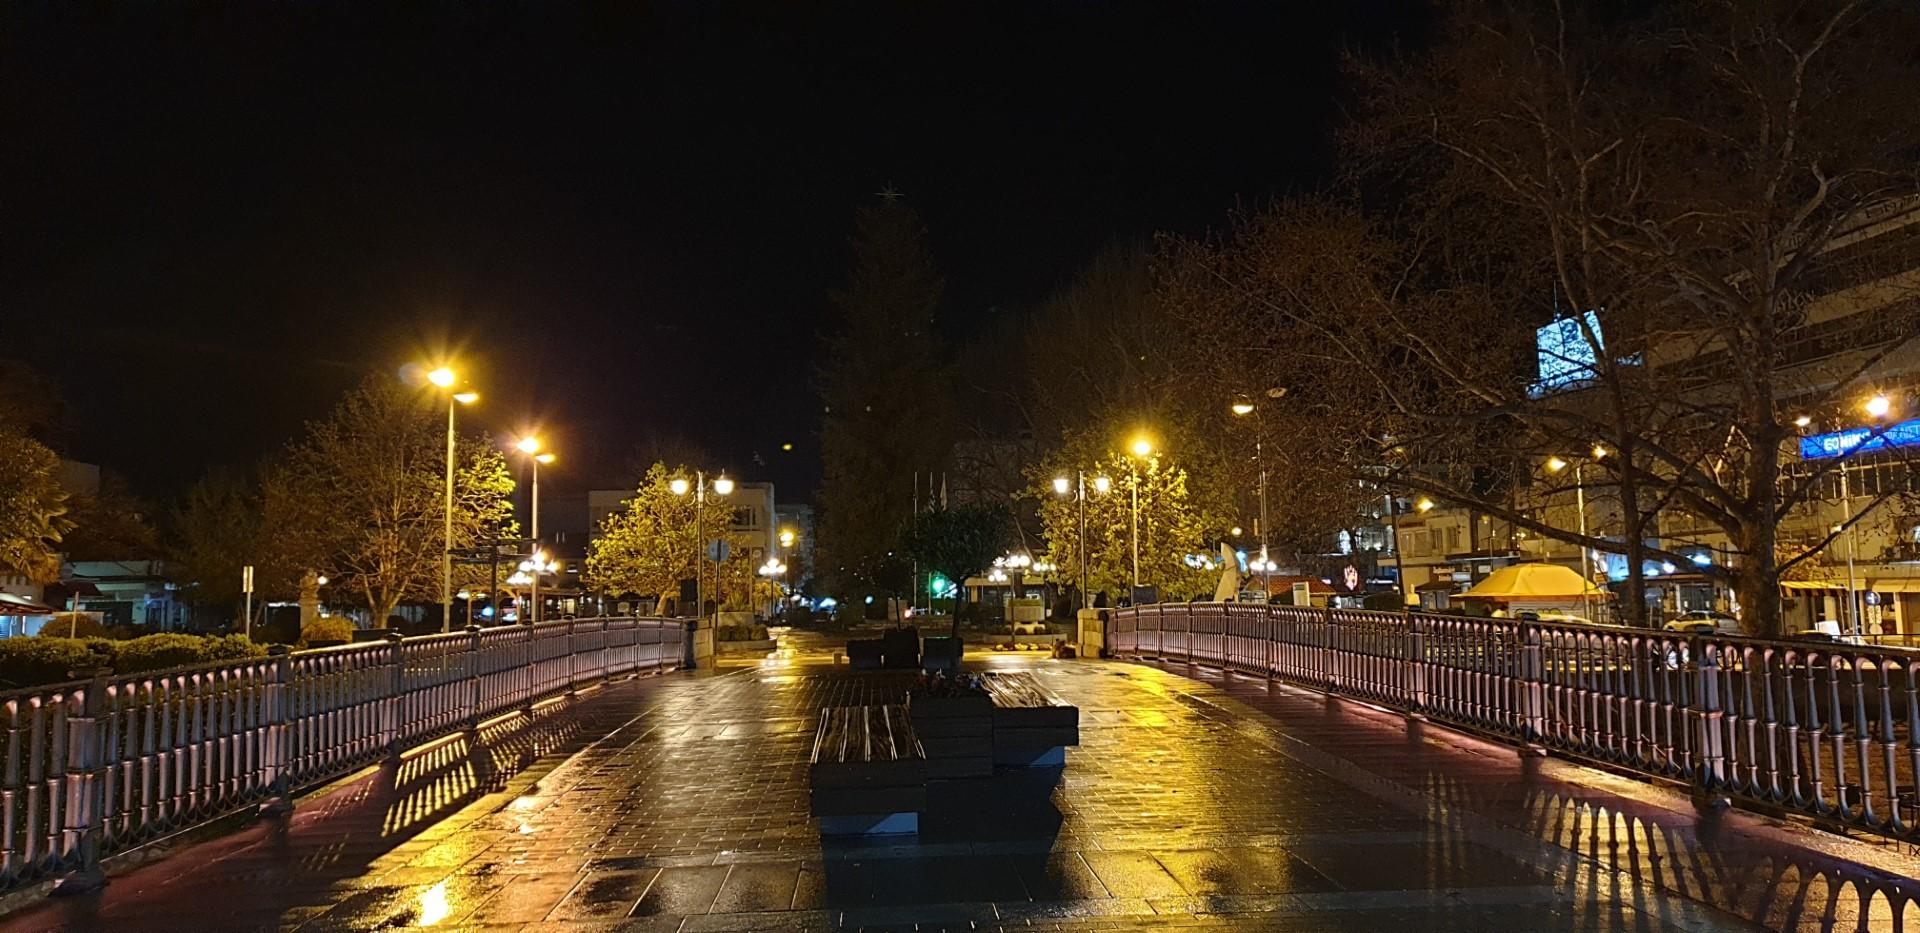 Η γέφυρα στο κέντρο των Τρικάλων